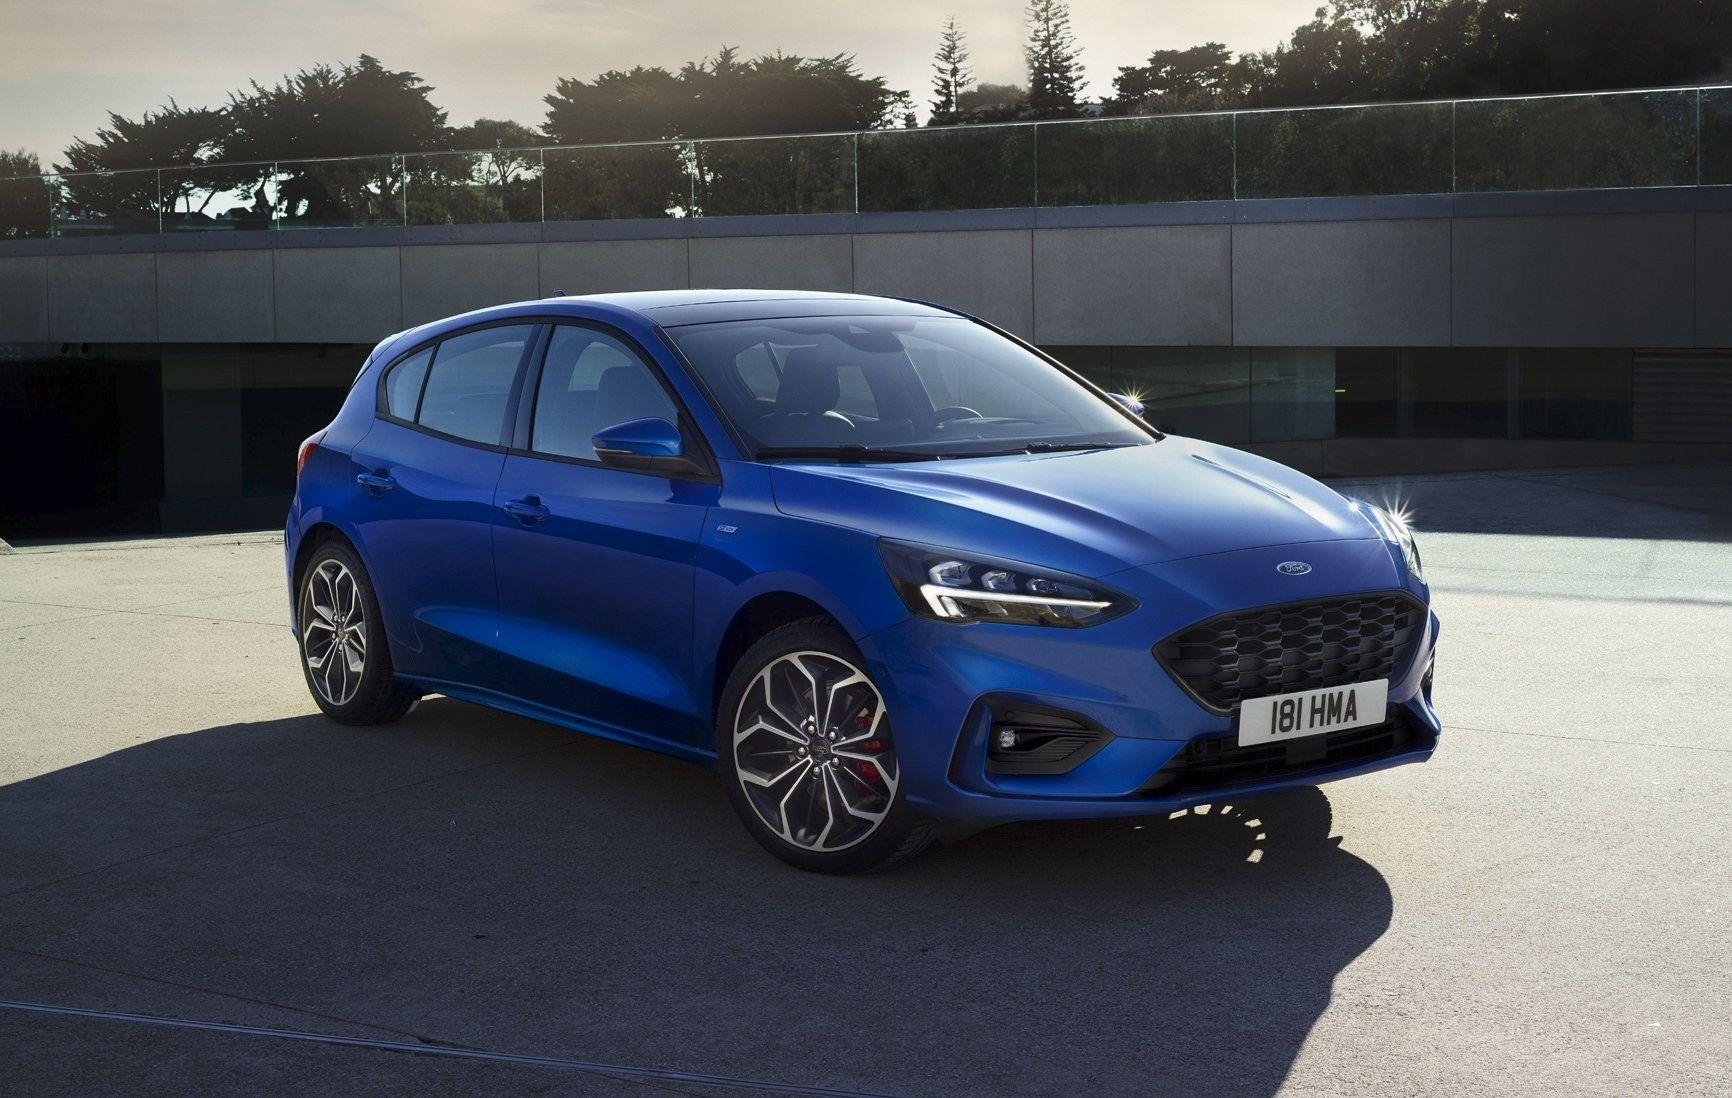 2019 Focus Price And Release Date Car Review 2019 Dengan Gambar